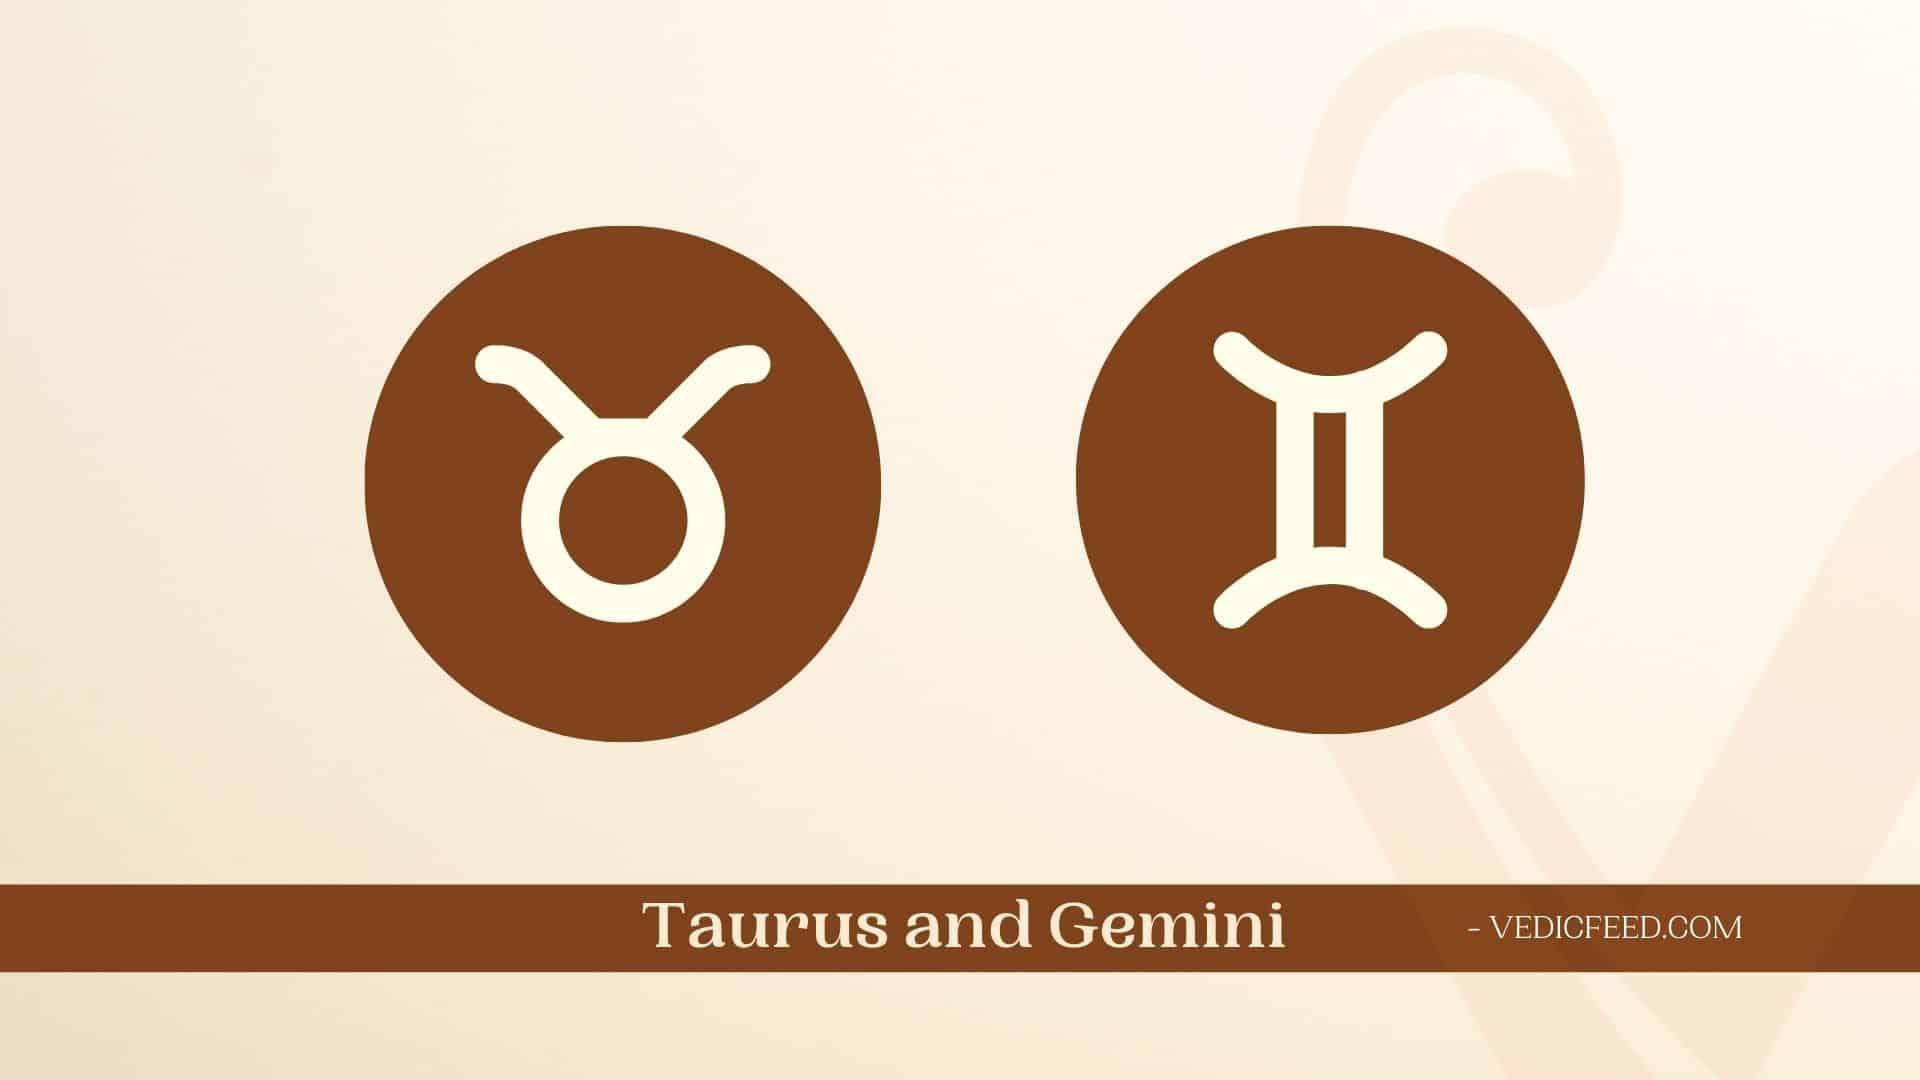 Taurus and Gemini Compatibility